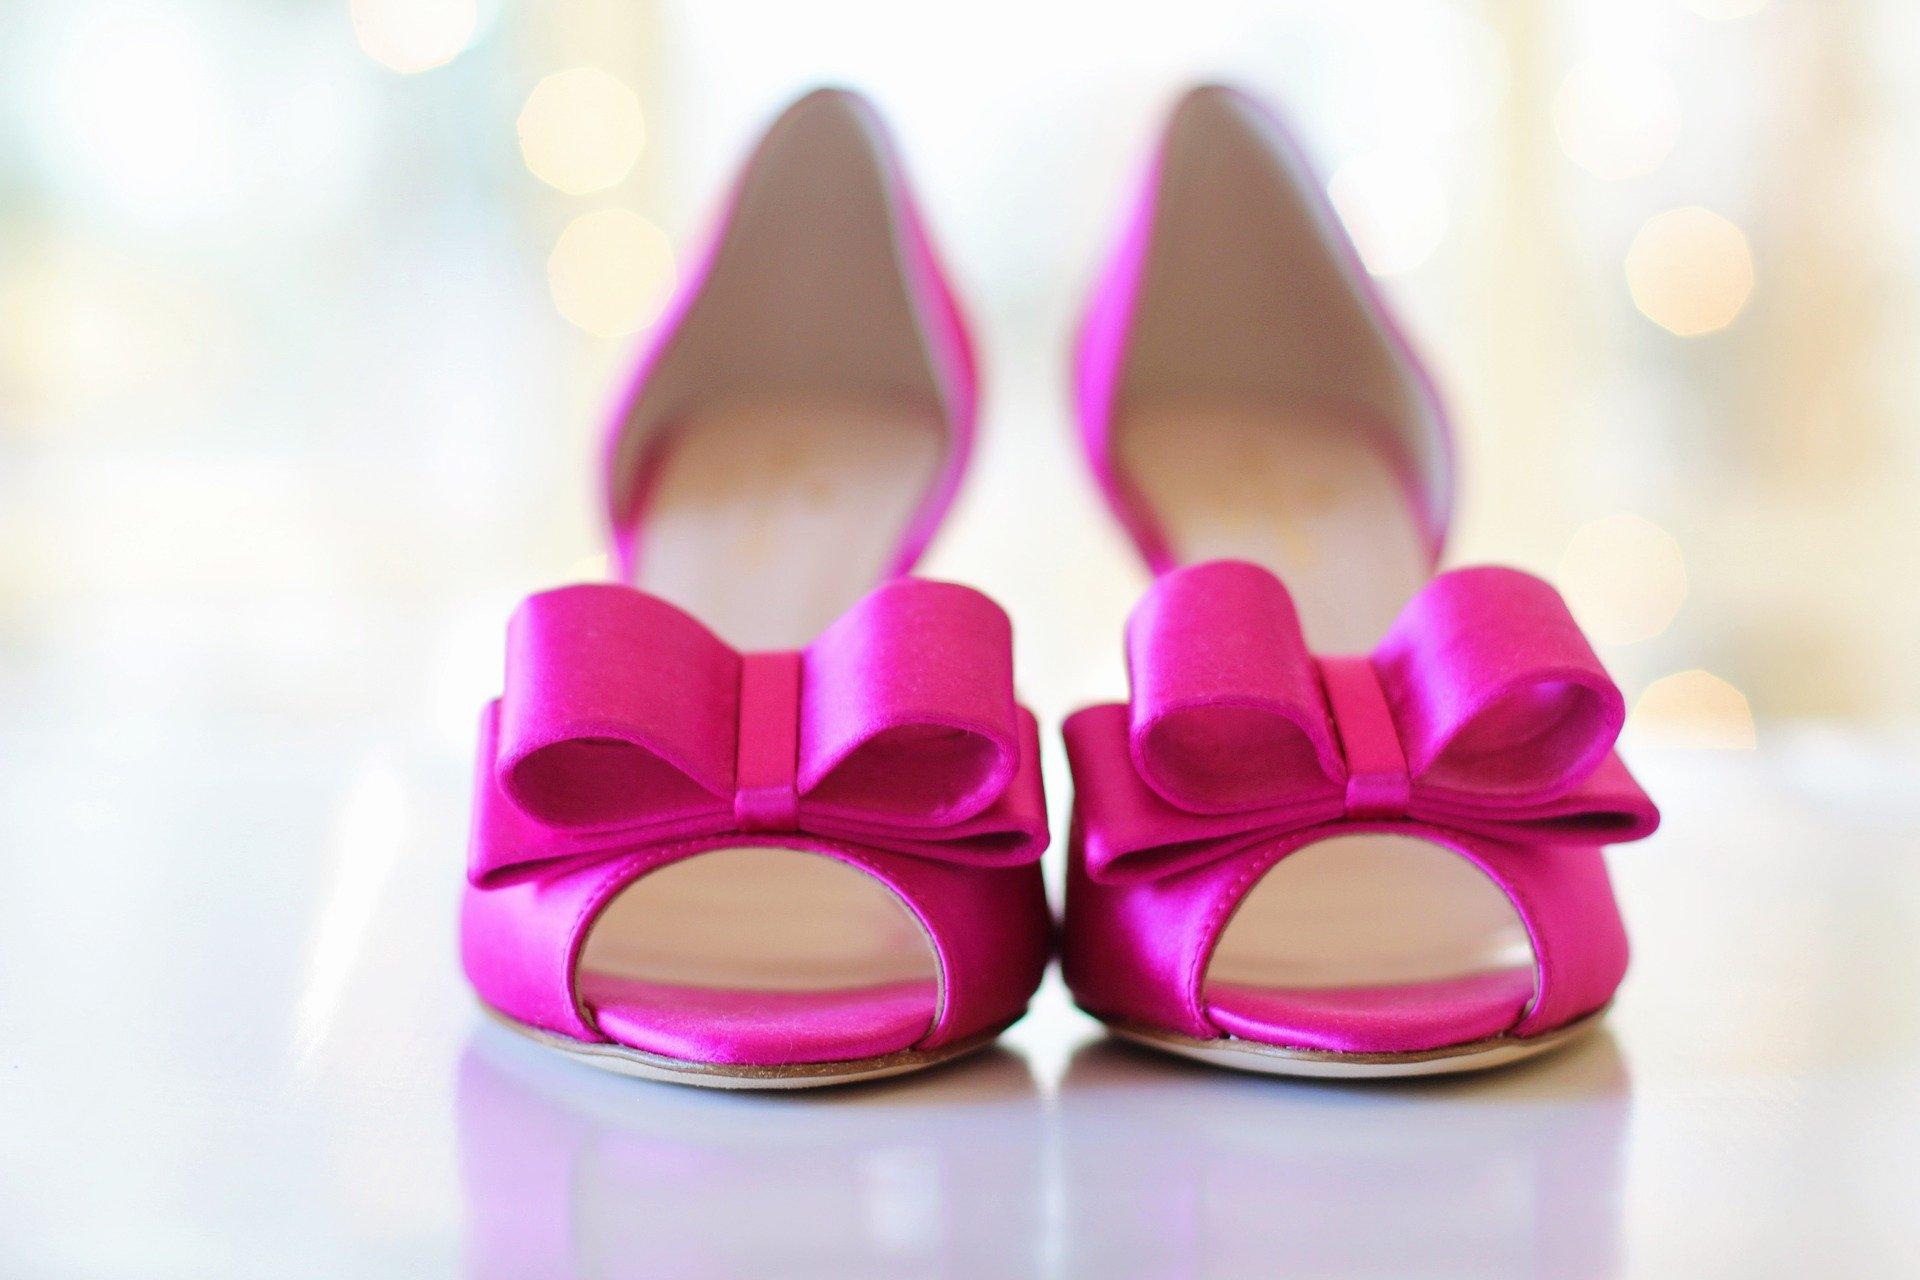 Moda Adam Topuklu Ayakkabı Modelleriyle Adımlarınızla Ses Getirin!